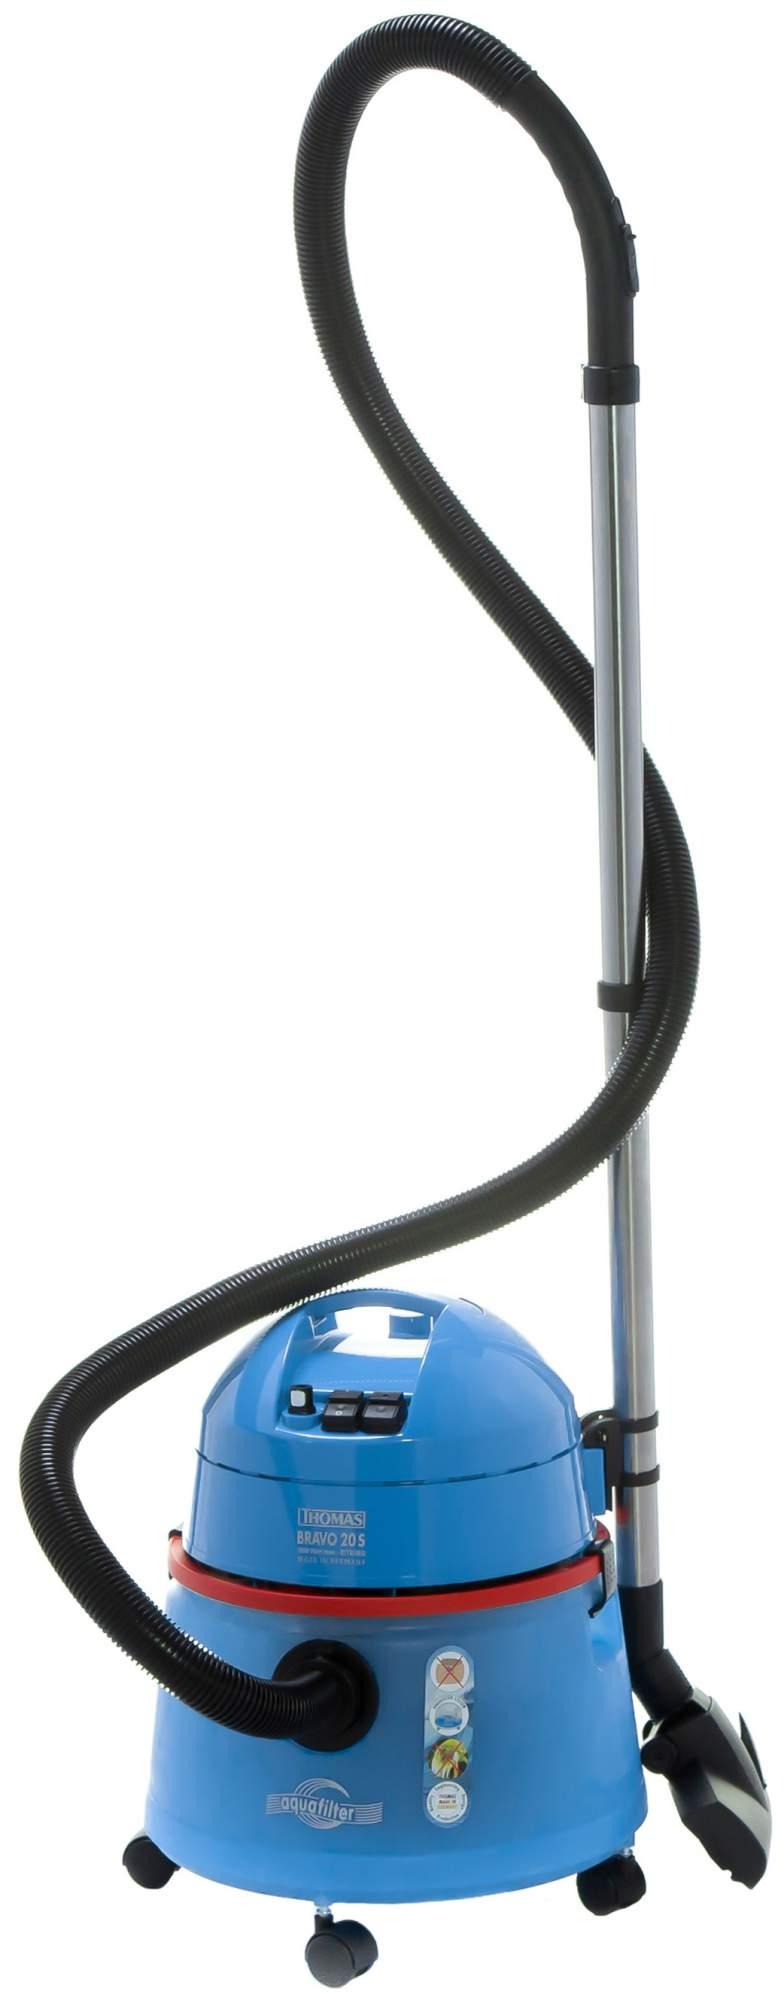 Пылесос Thomas Aquafilter 20S Blue